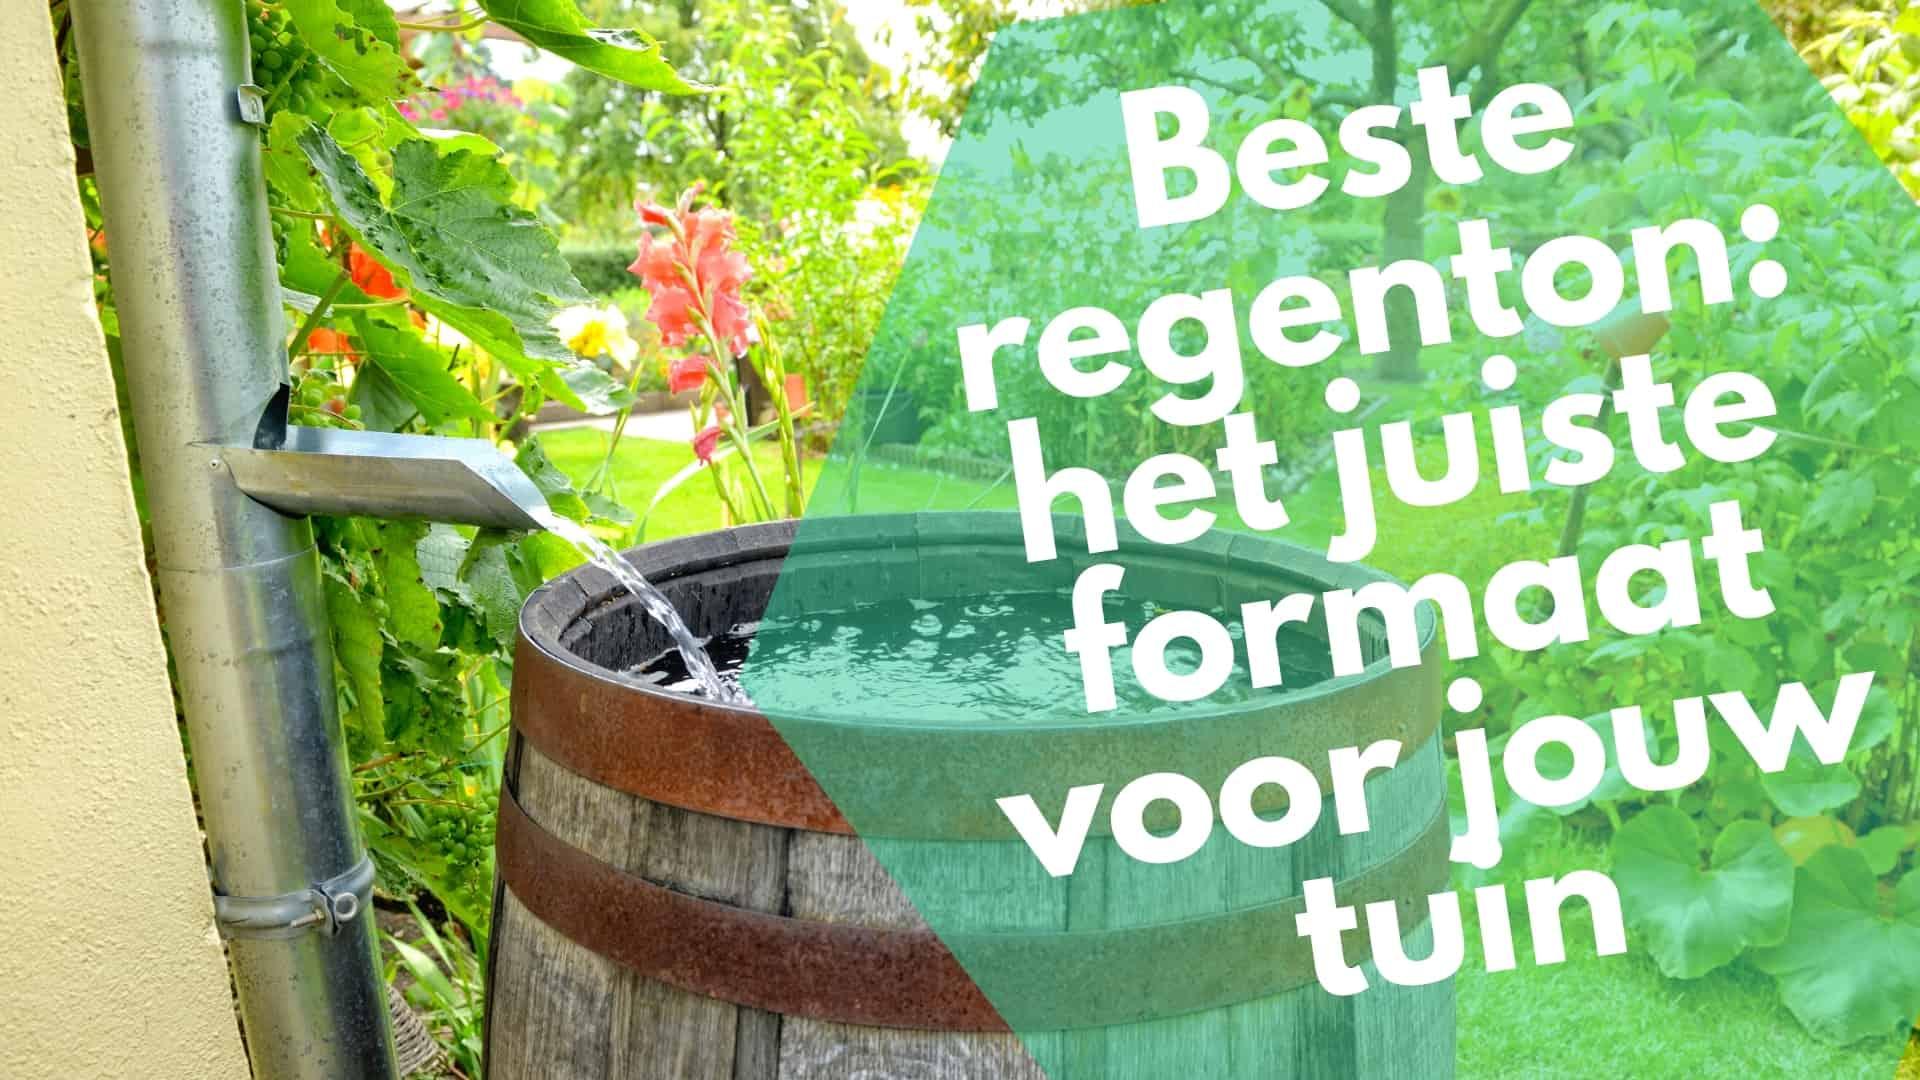 Beste regentonnen beoordeeld: het juiste formaat voor jouw tuin